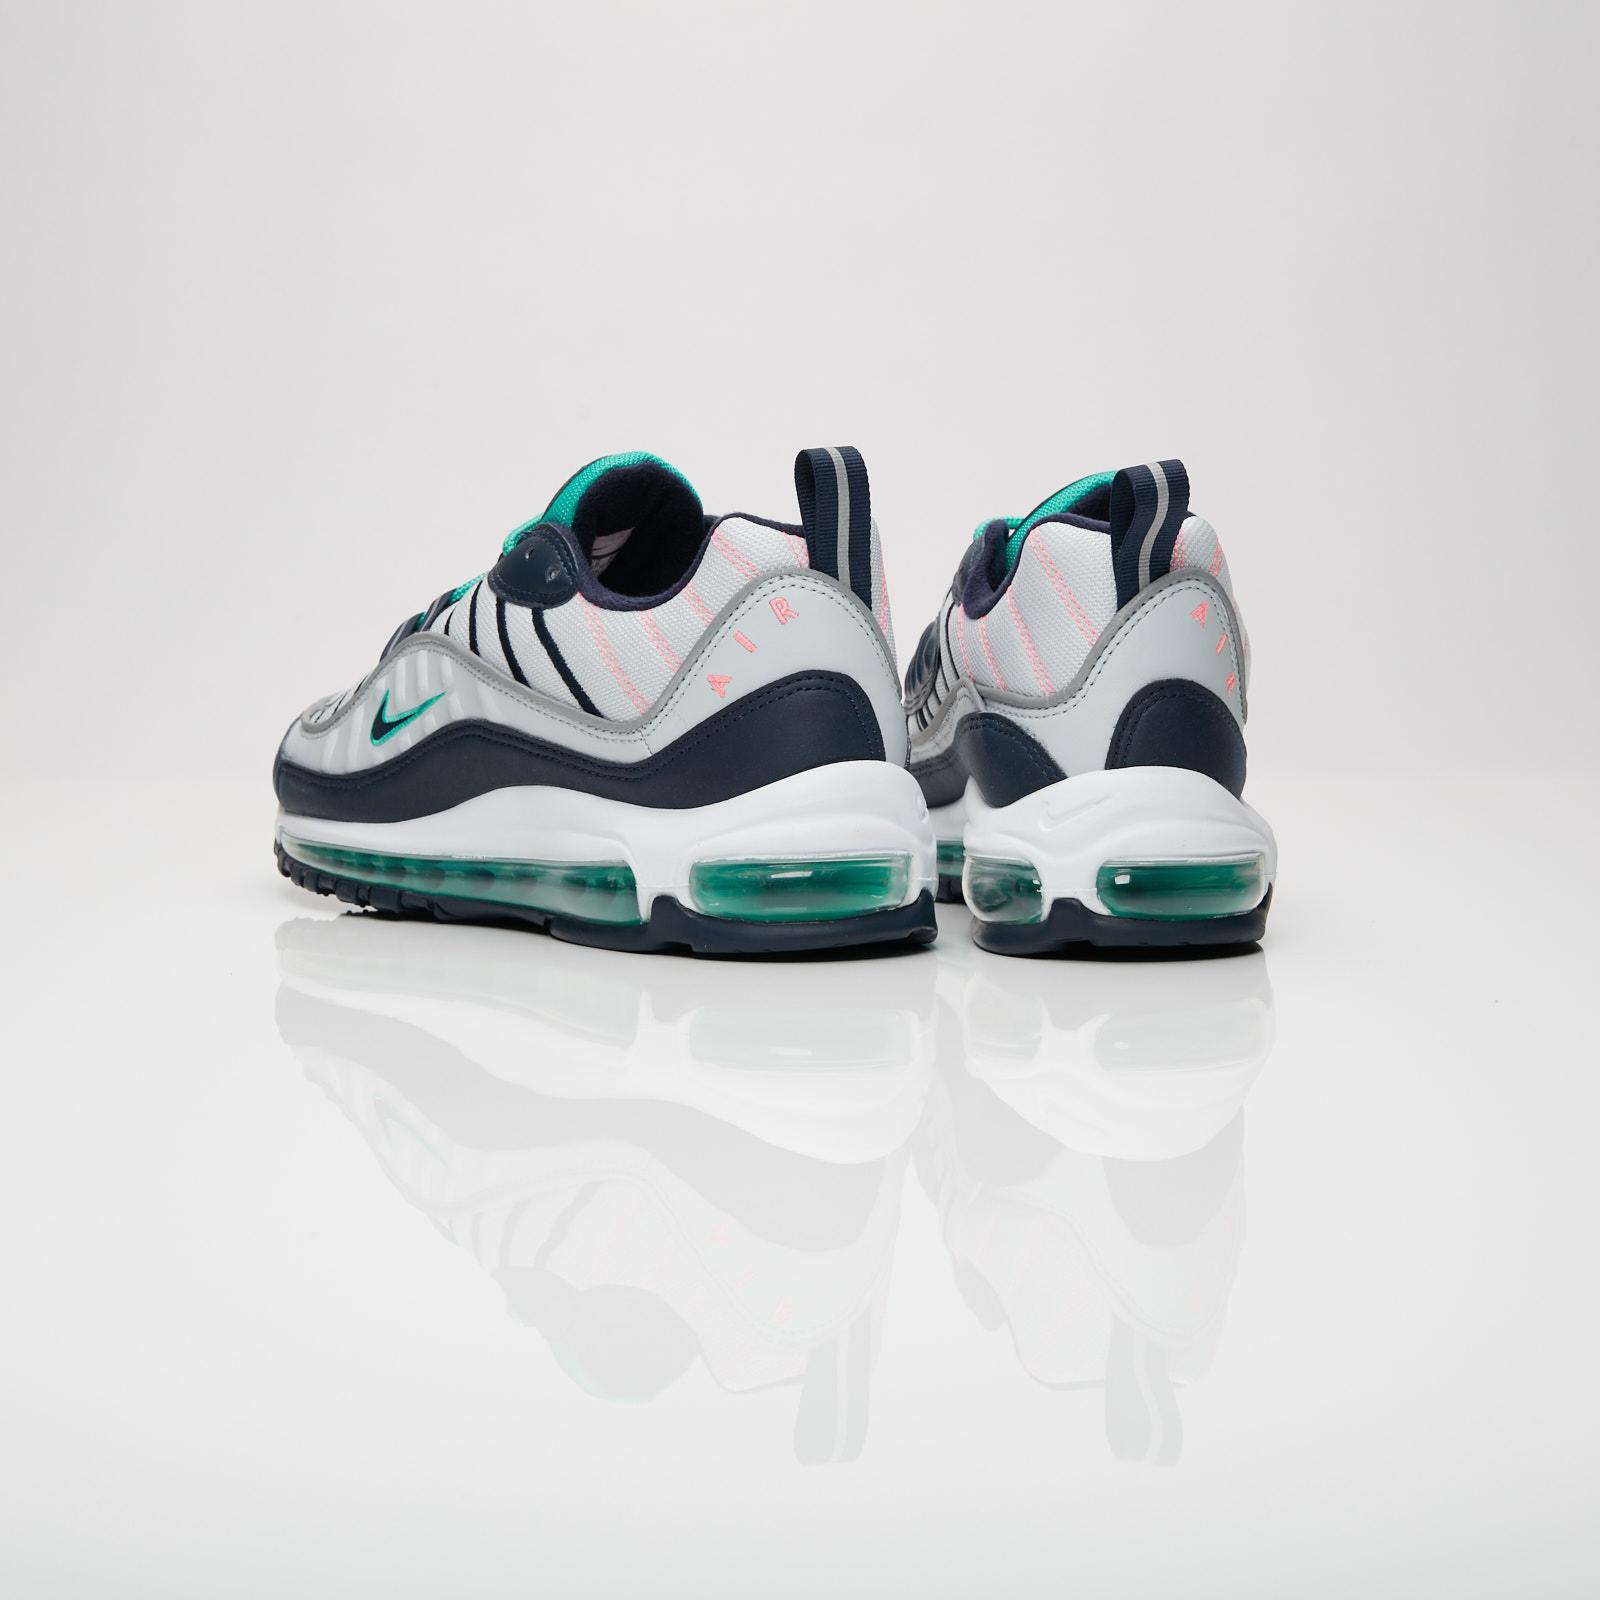 8141ceed5f Nike Air Max 98 - 640744-005 - Sneakersnstuff | sneakers & streetwear  online since 1999